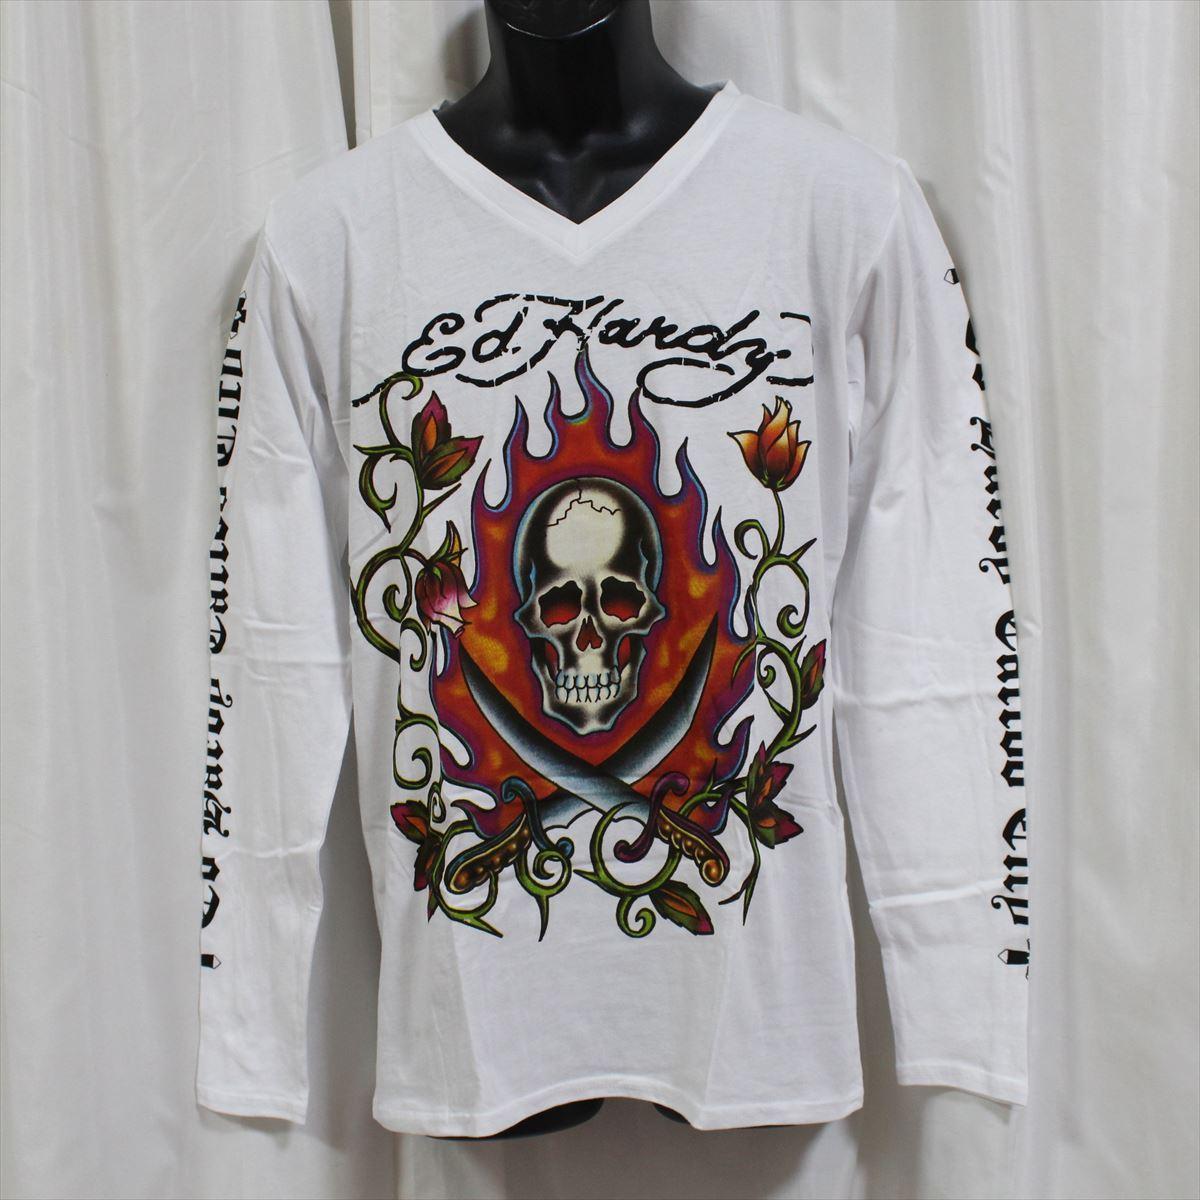 エドハーディー ED HARDY メンズ長袖Tシャツ ホワイト Mサイズ M03GTC303 新品 Vネック 白_画像1